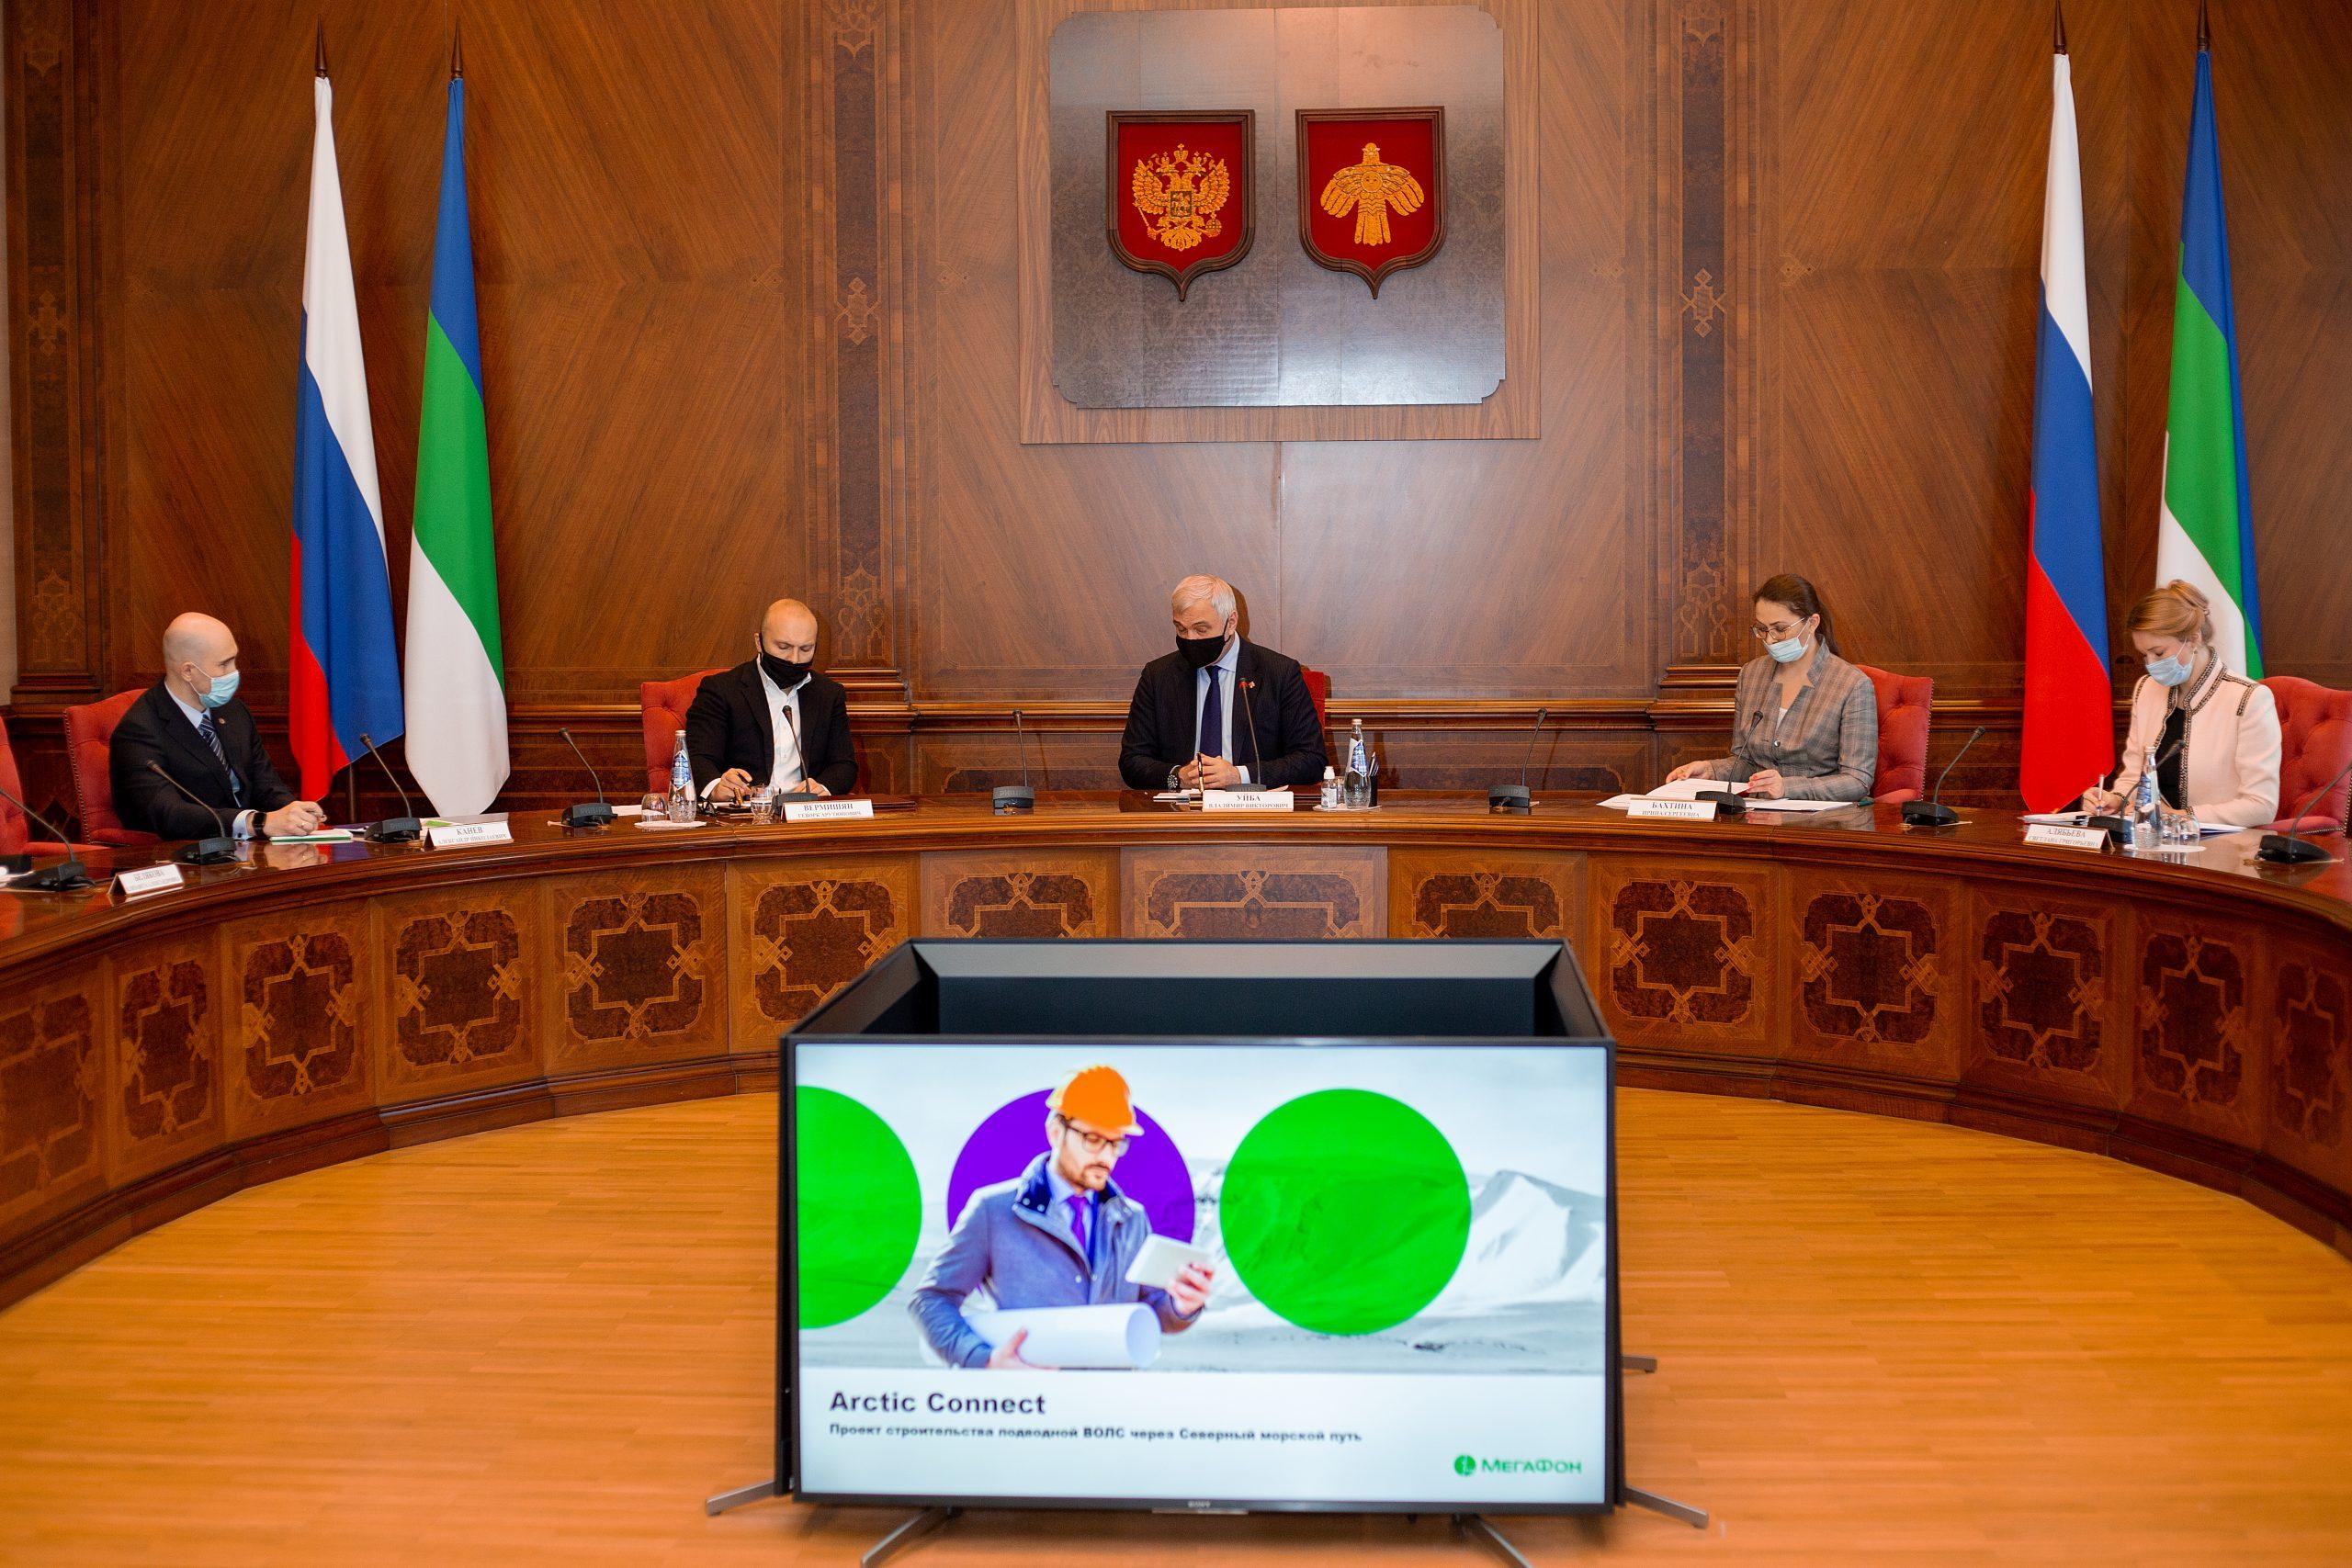 Республика Коми присоединилась к проекту МегаФона Arctic Connect 1